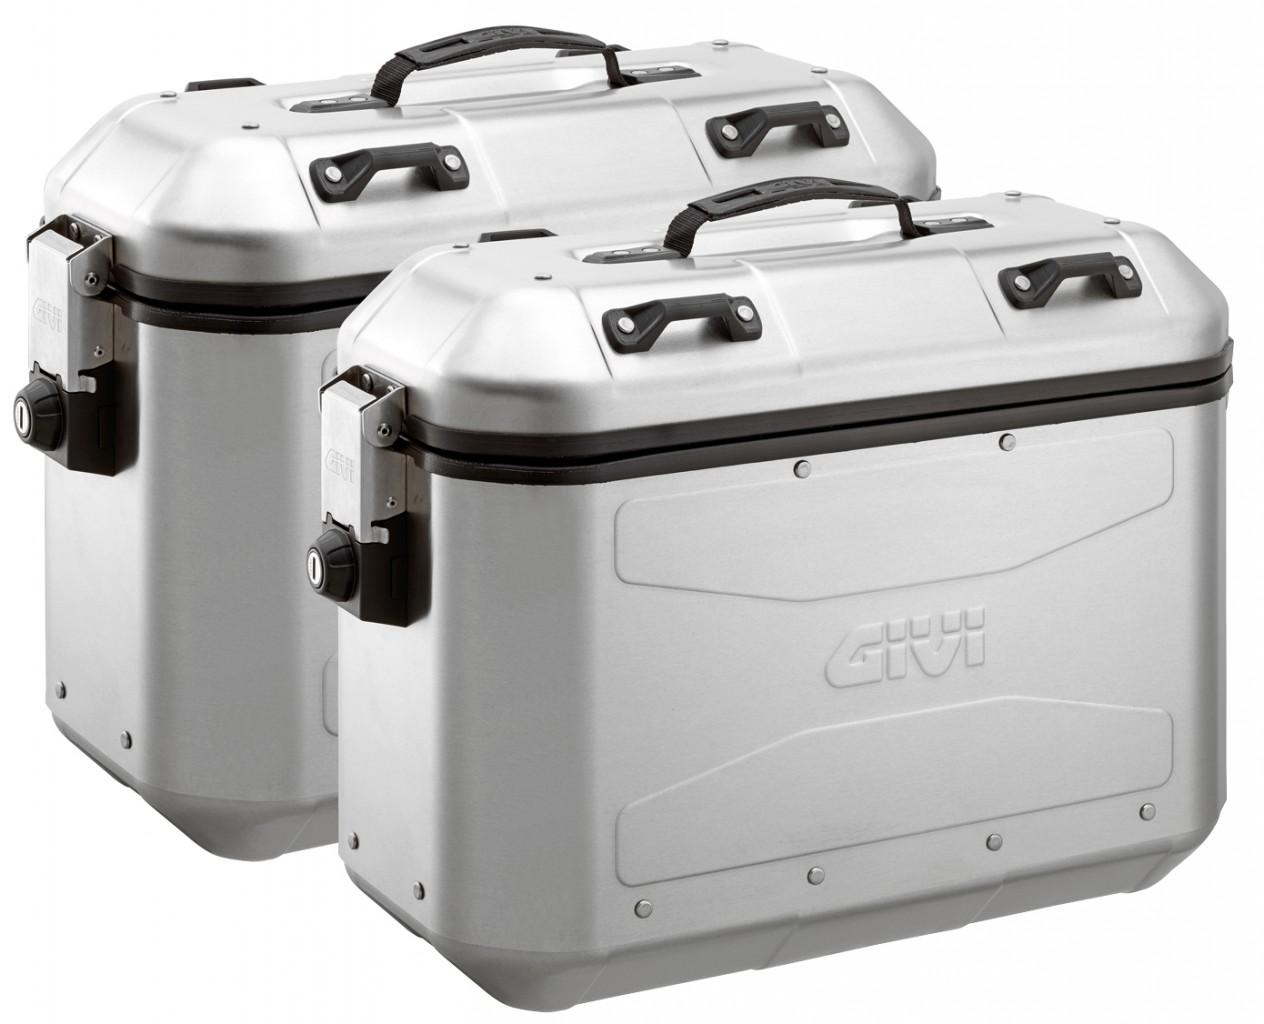 Boční hliníkové kufry Givi DLM36APACK2 Trekker Dolomiti - 36/36